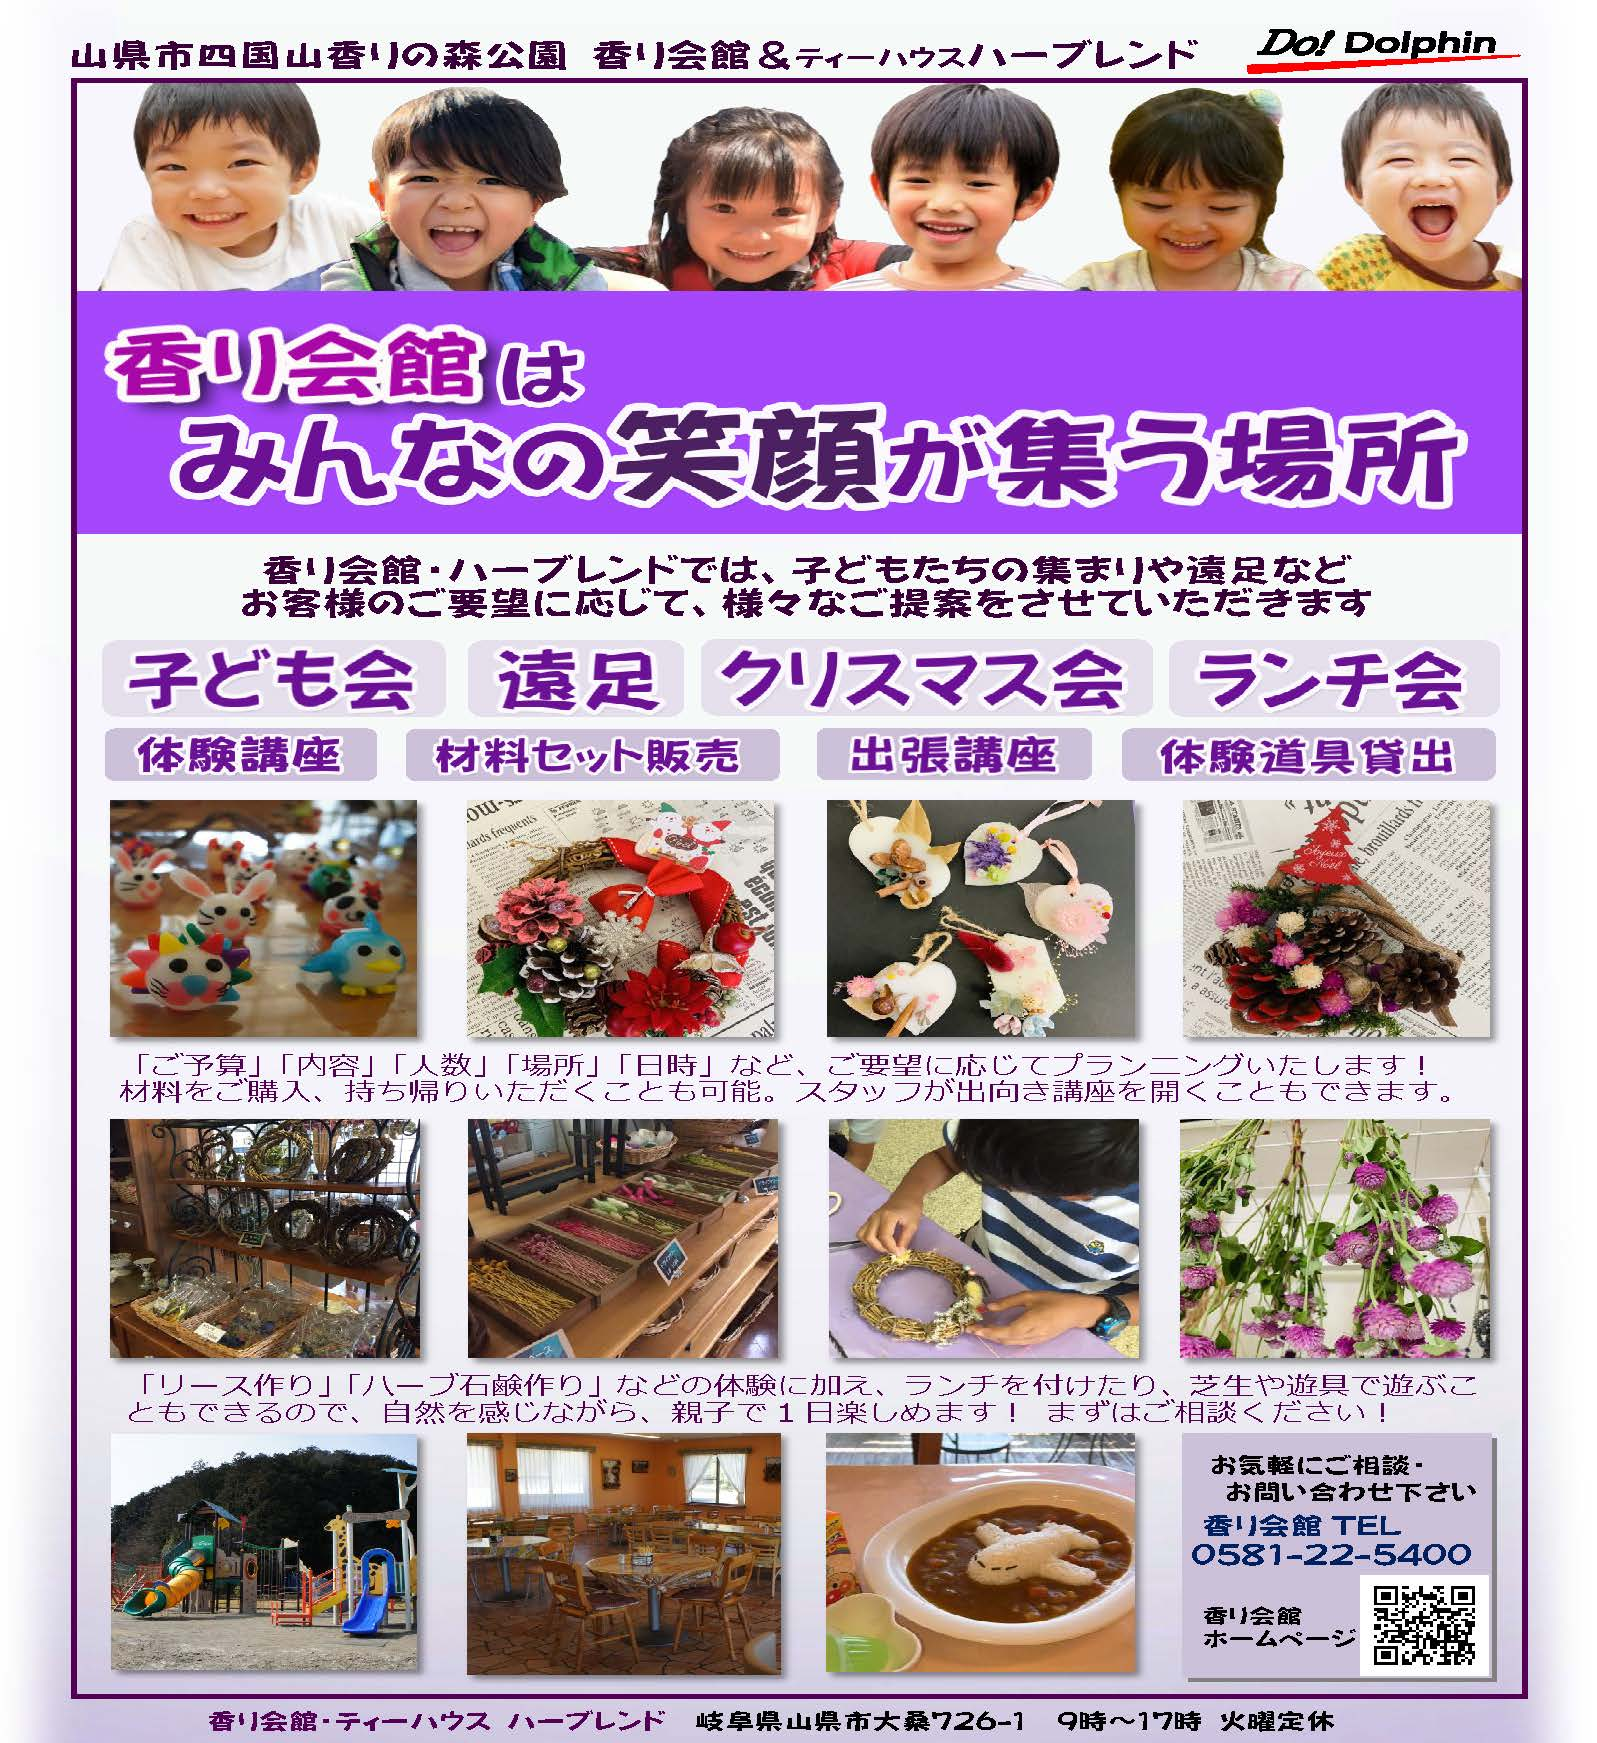 ドルフィン広報誌11月号校了_ページ_5